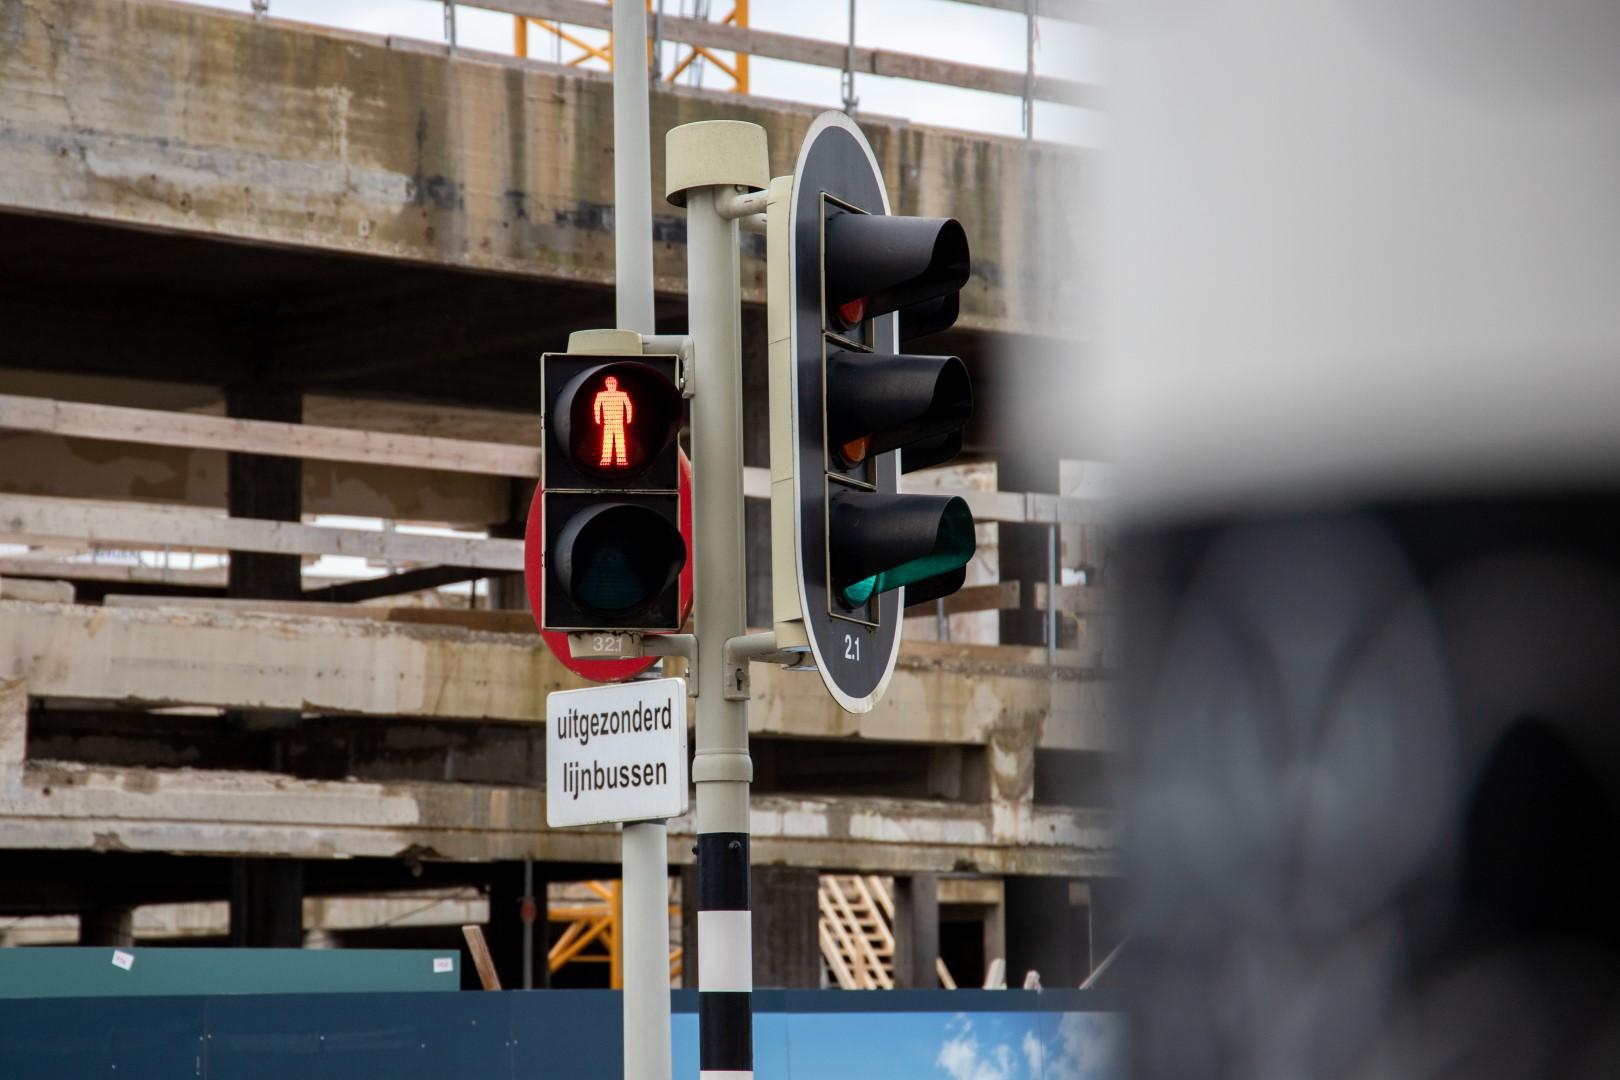 stoplicht rood voetgangers verkeerslicht